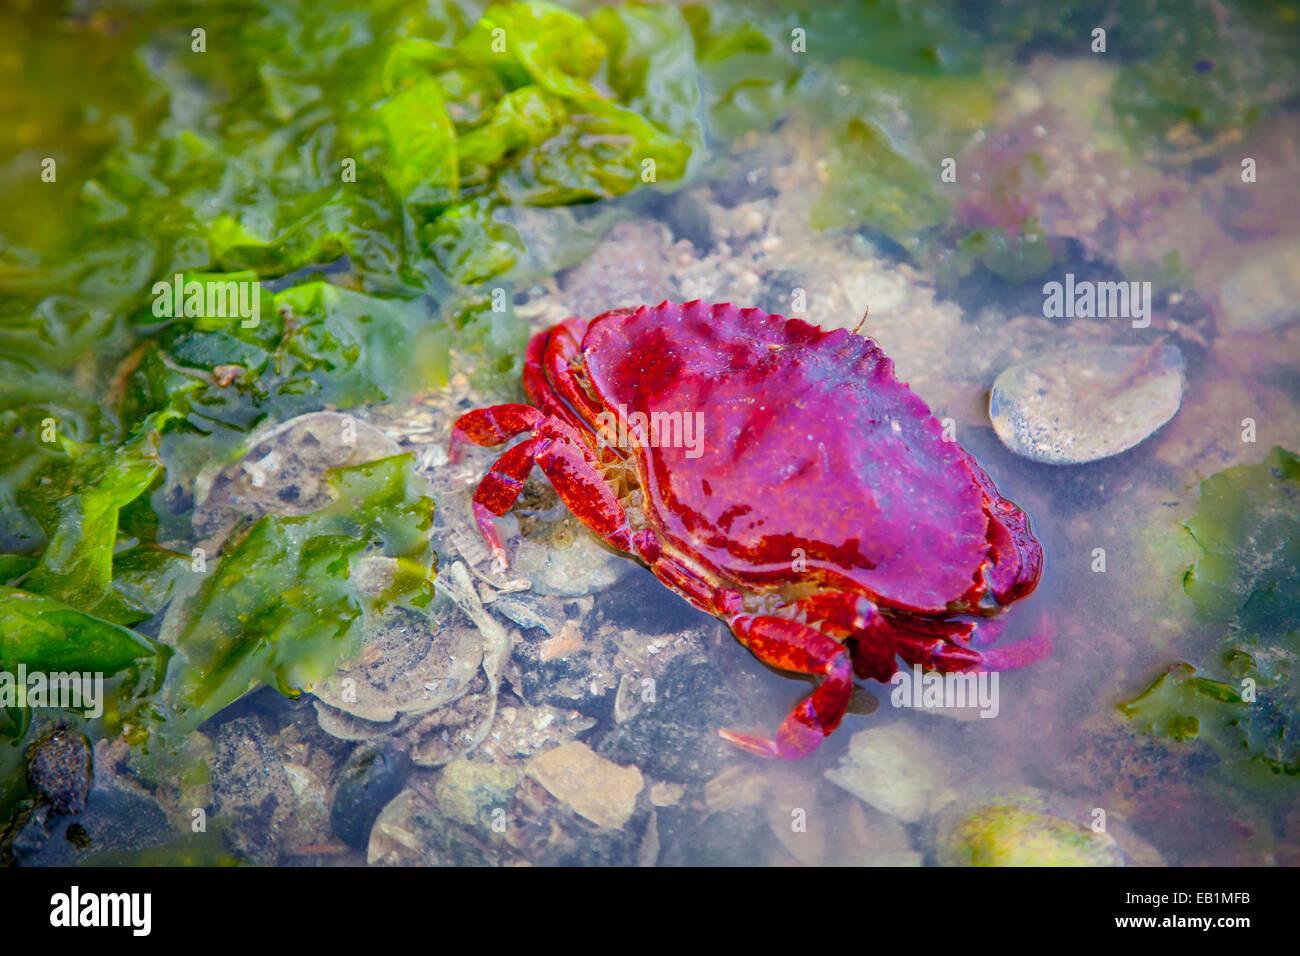 Le crabe et d'algues dans une piscine dans les rochers à marée basse à Sechelt, Colombie-Britannique, Photo Stock